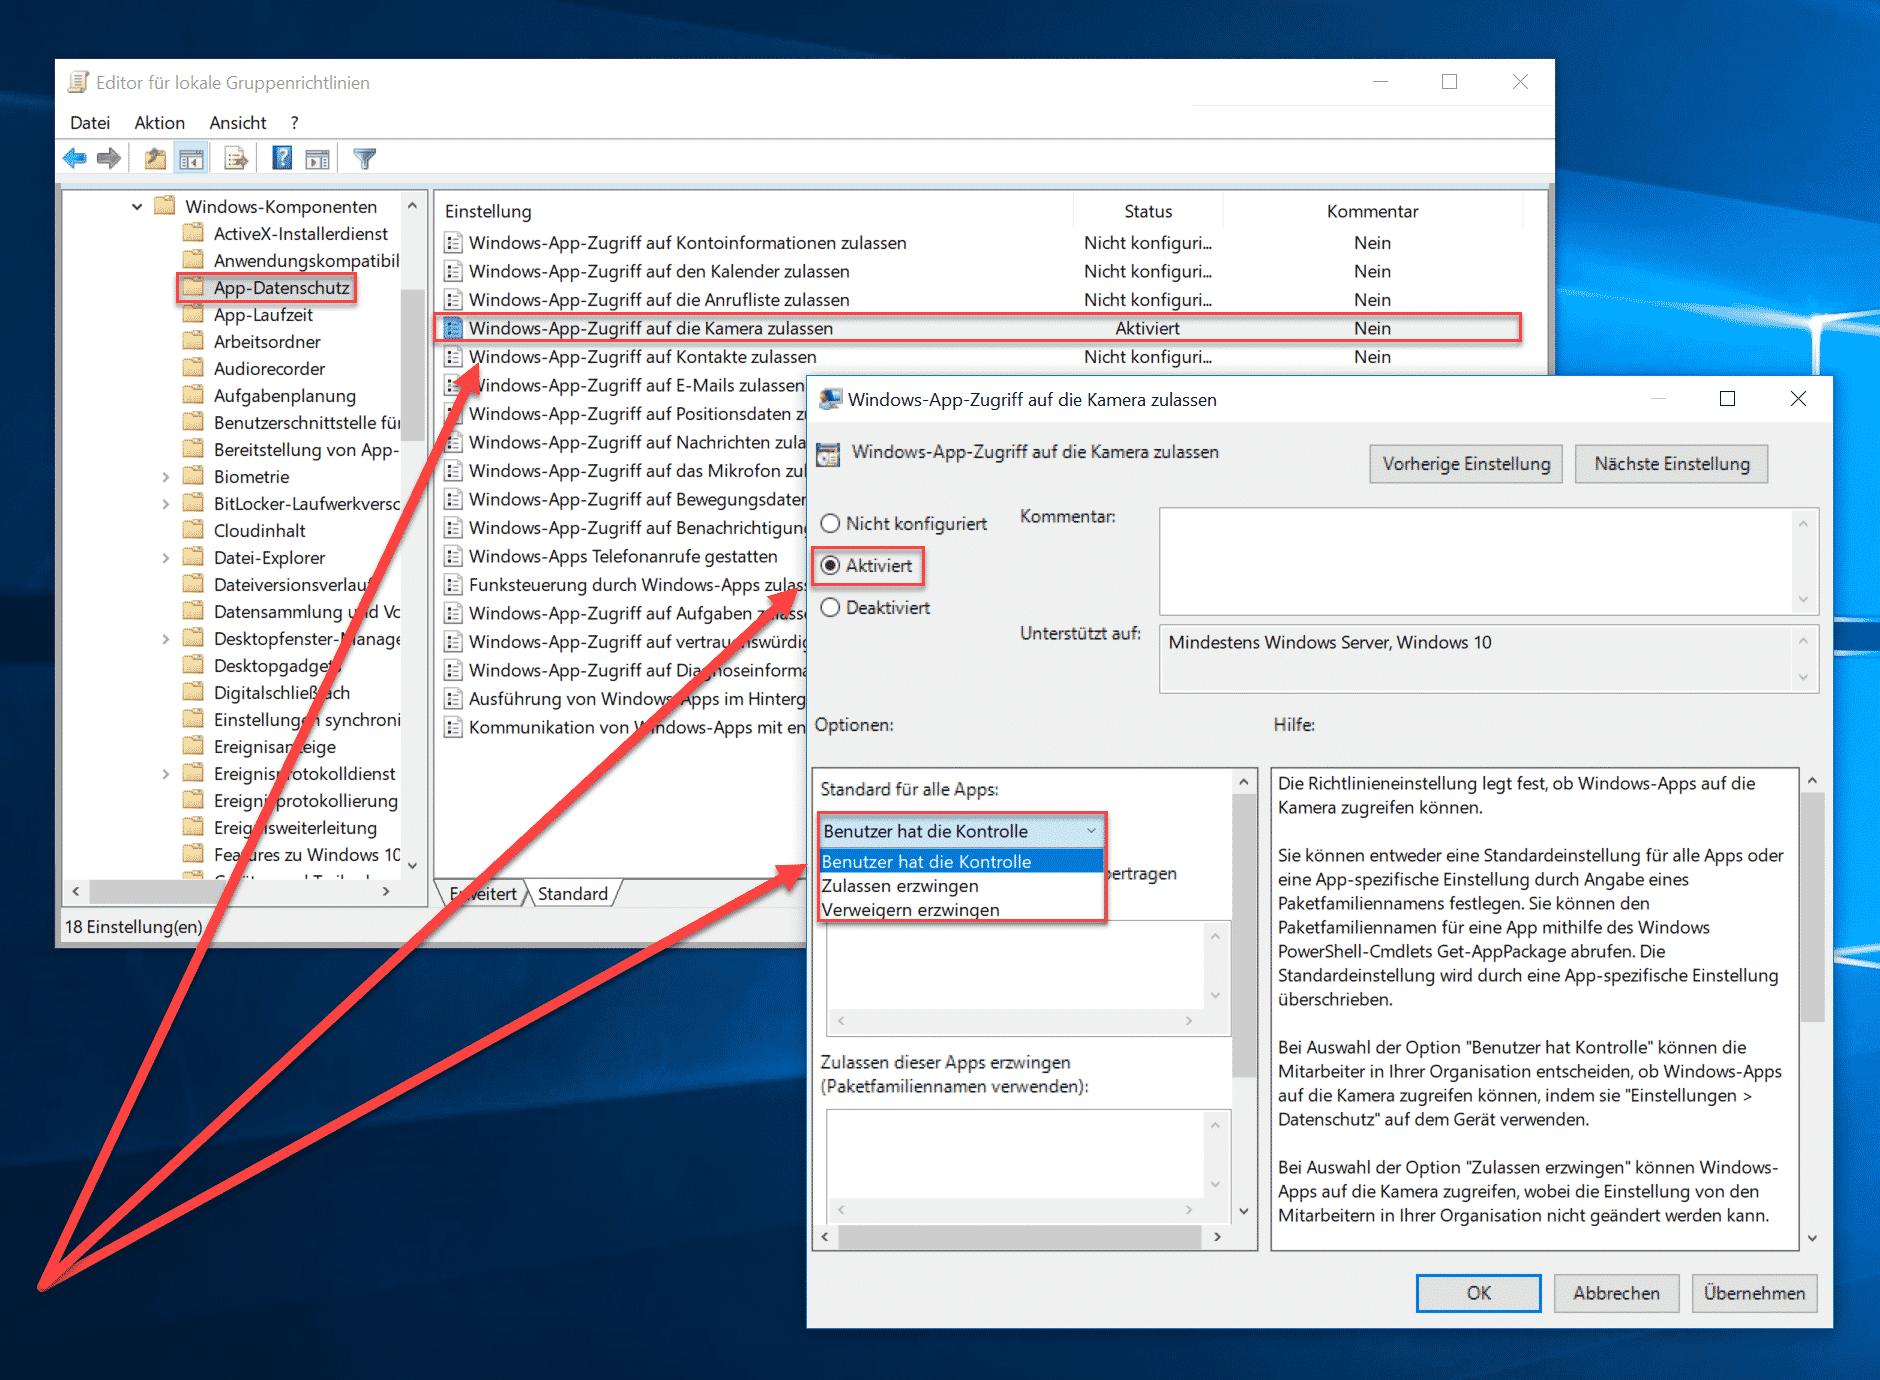 Windows-App-Zugriff auf die Kamera zulassen